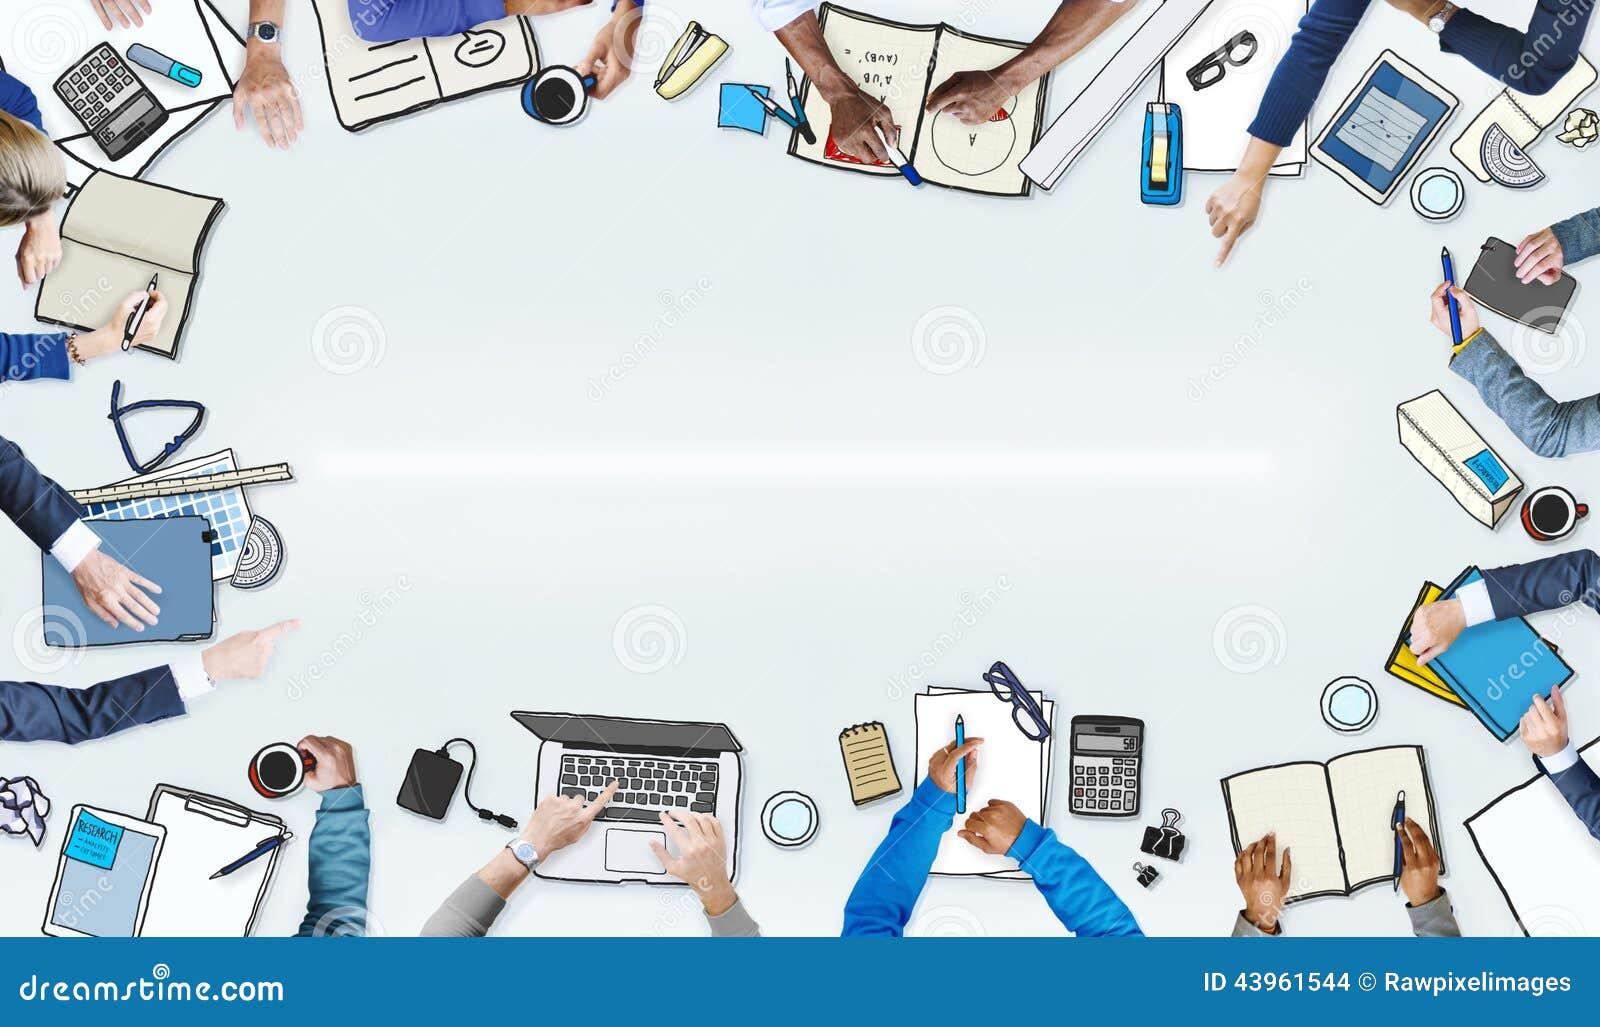 Illustration av upptaget möte för affärsfolk